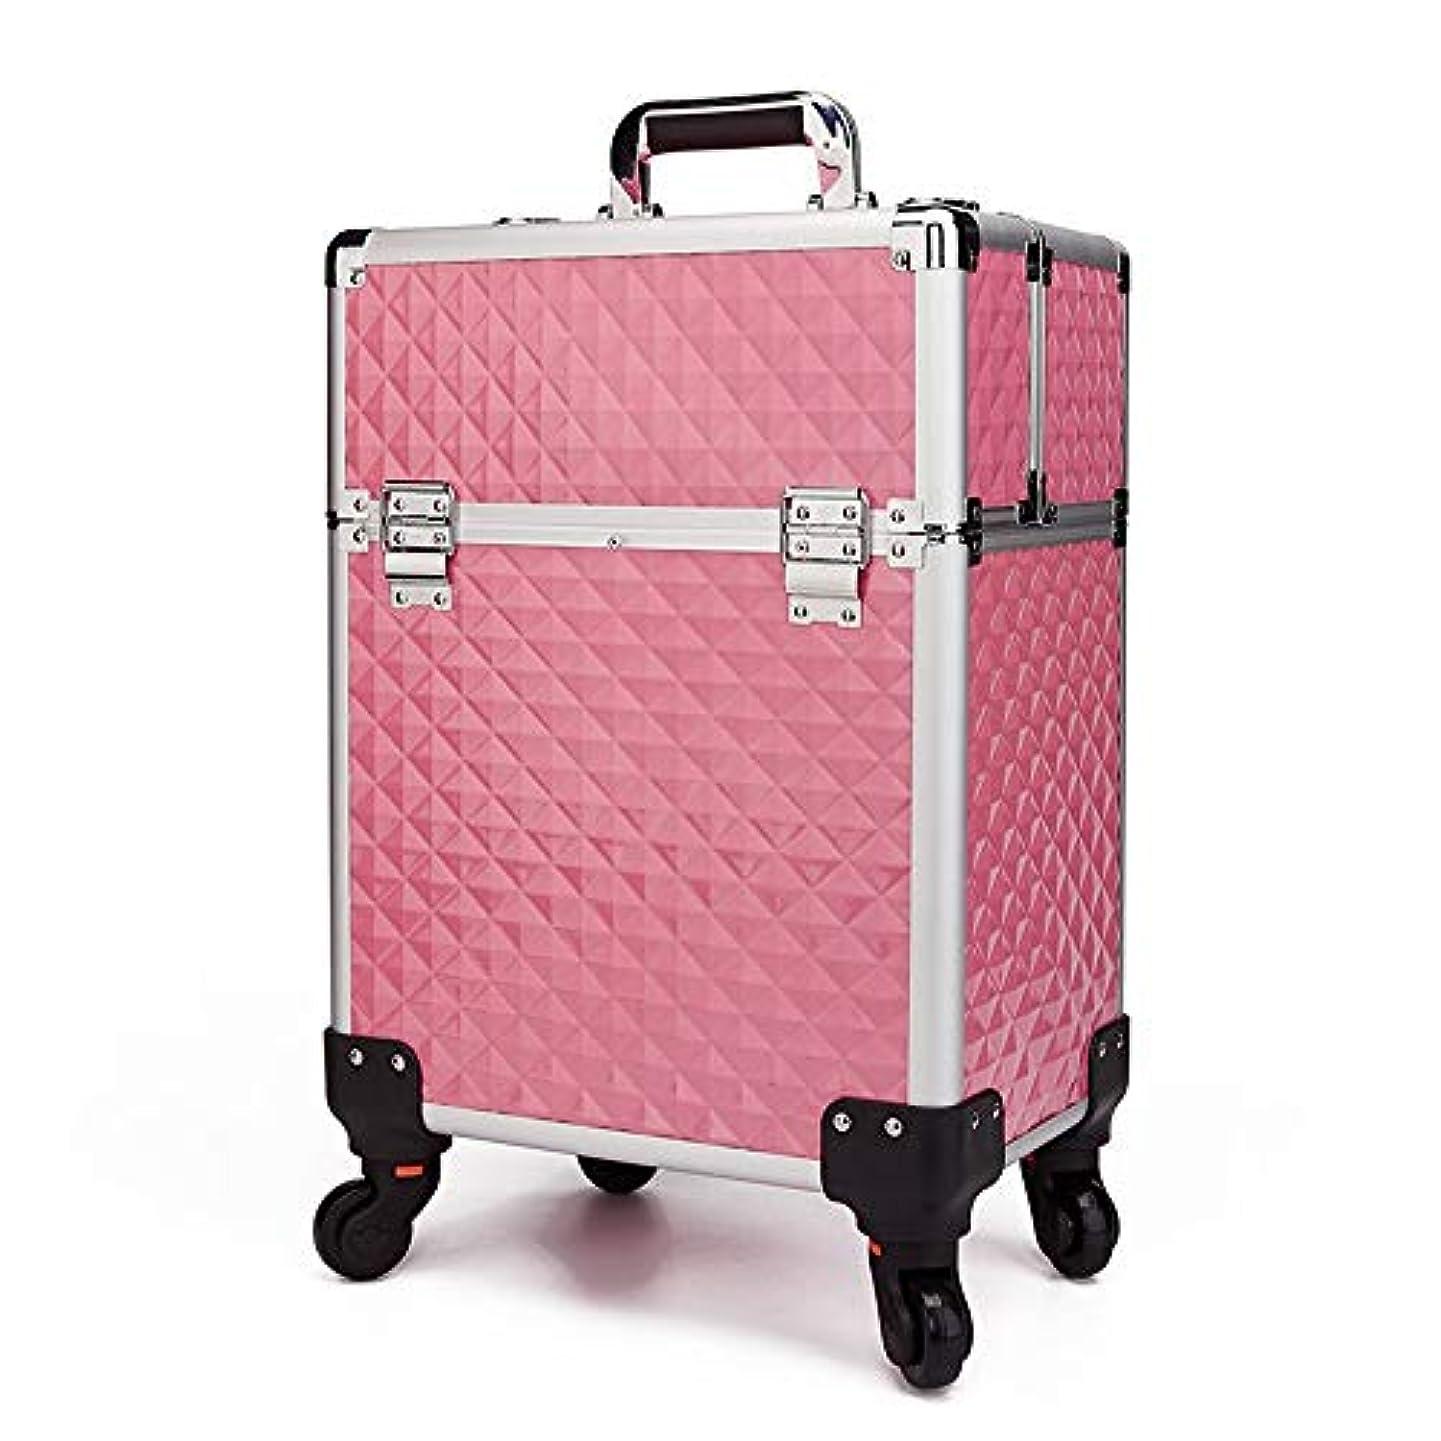 バックアップオリエンタル持ってる化粧オーガナイザーバッグ 360度ホイール3イン1プロフェッショナルアルミアーティストローリングトロリーメイクトレインケース化粧品オーガナイザー収納ボックス用ティーンガールズ女性アーティスト 化粧品ケース (色 : ピンク)